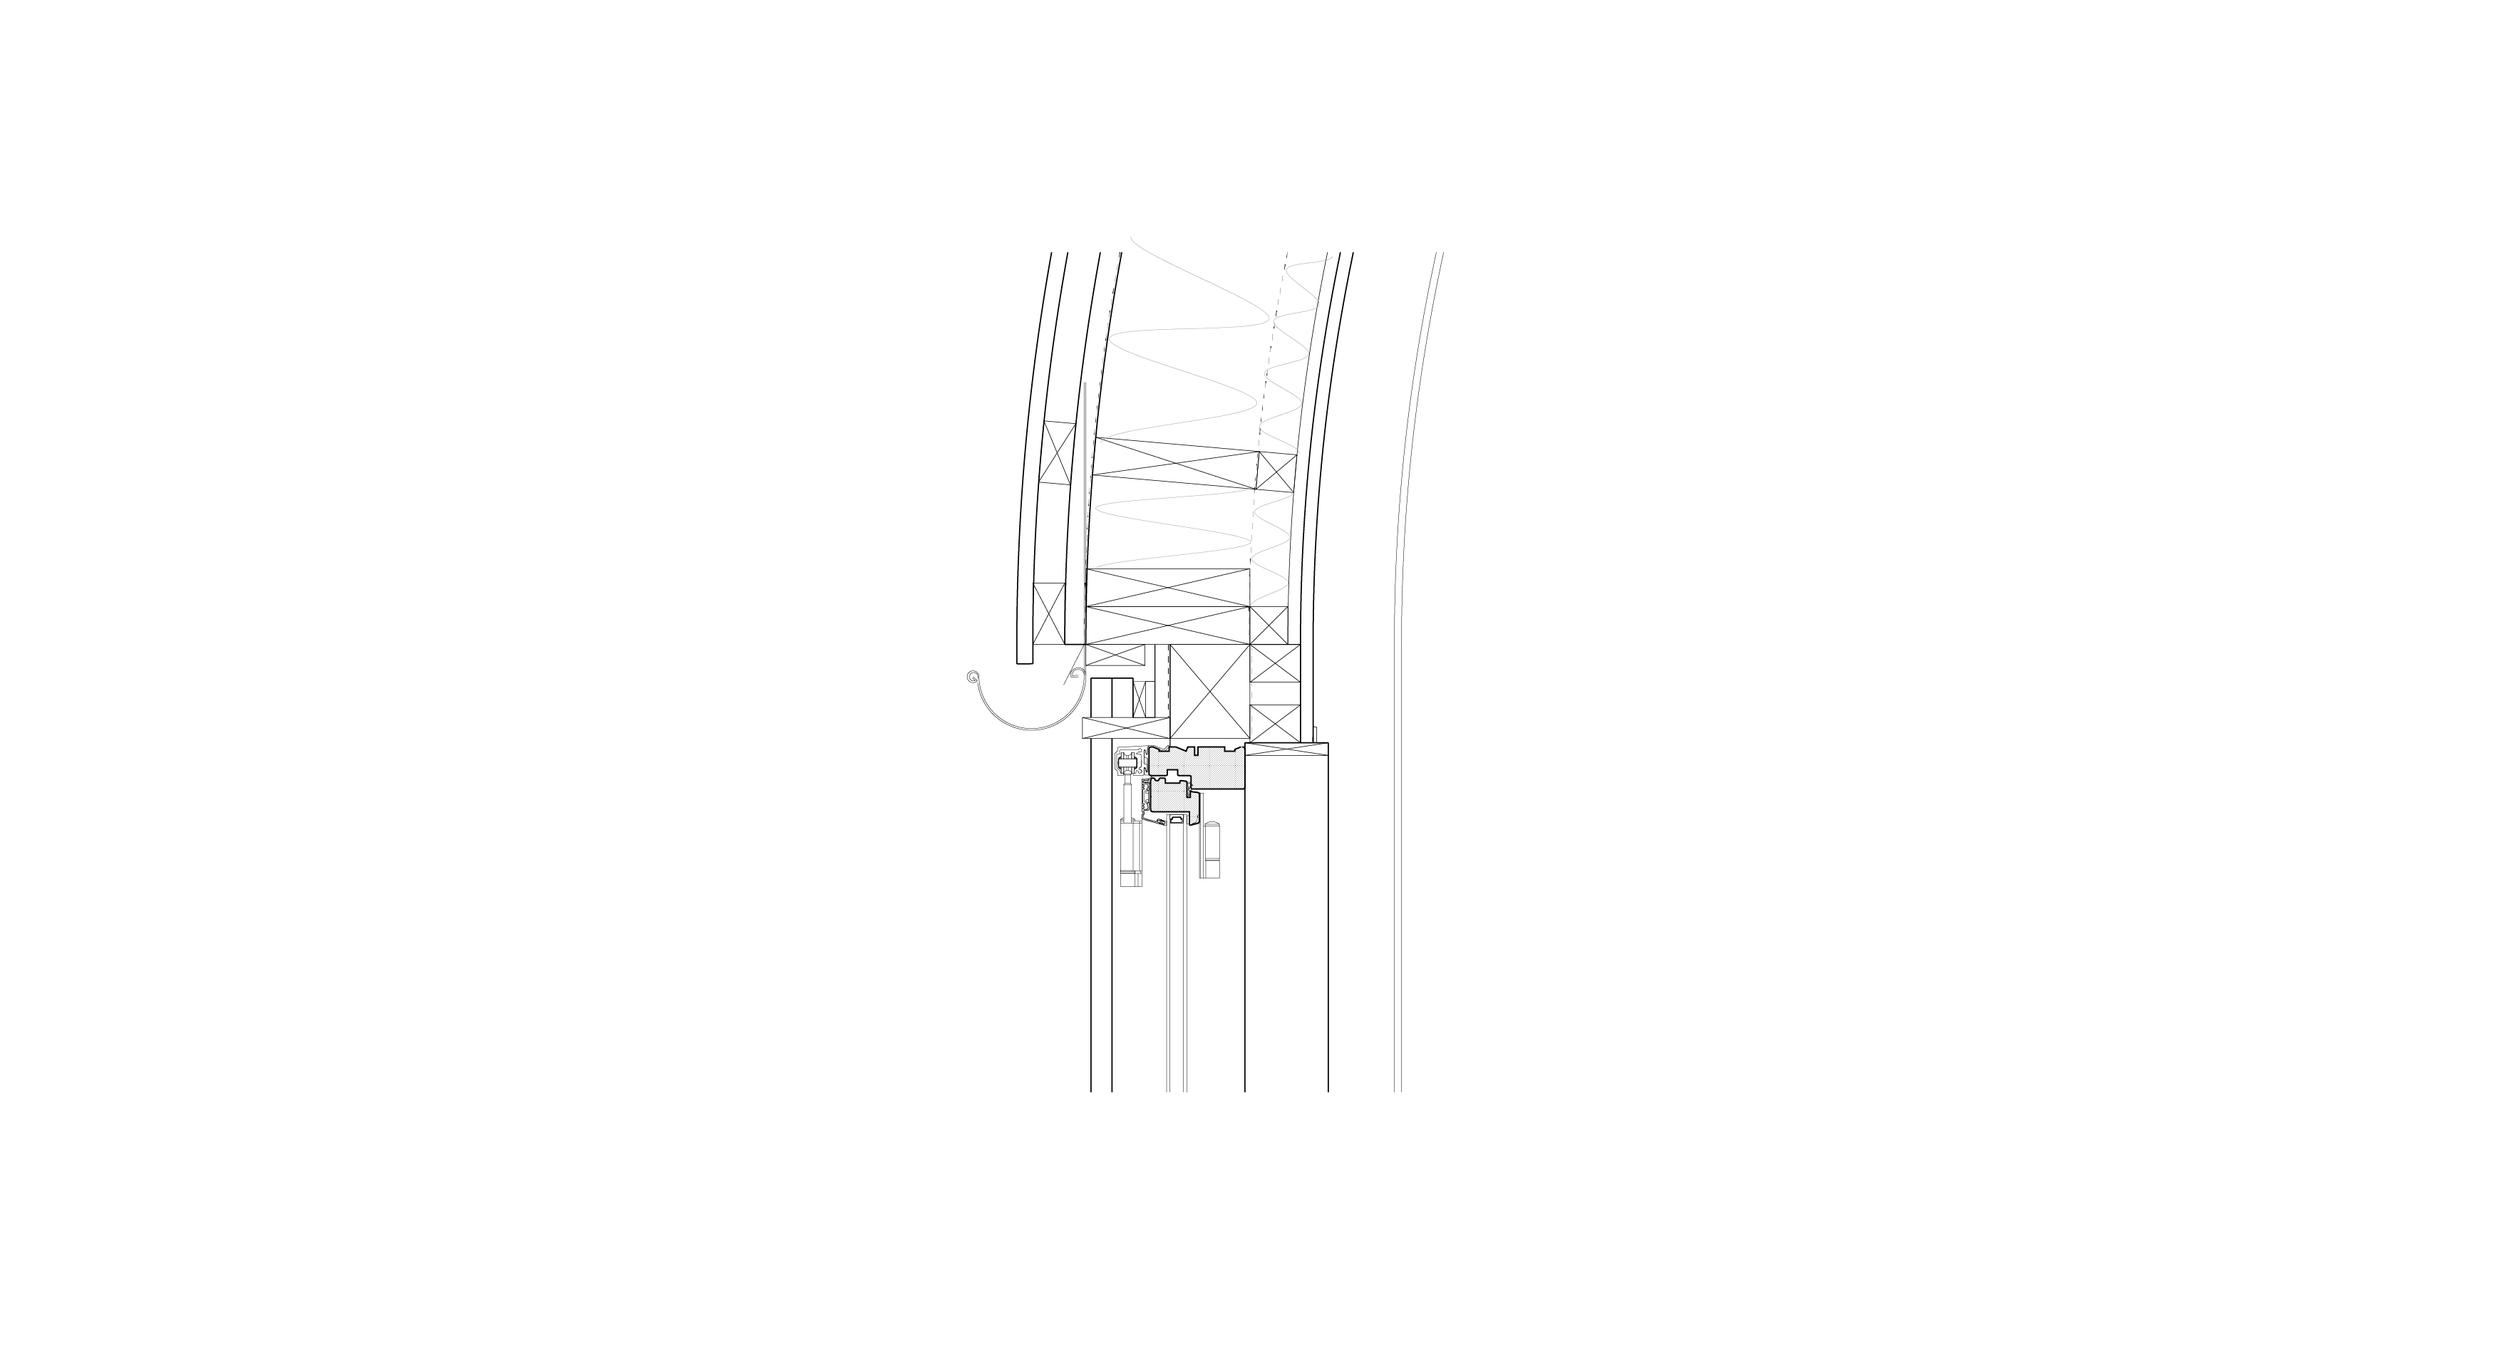 VT_Detalje-01.png